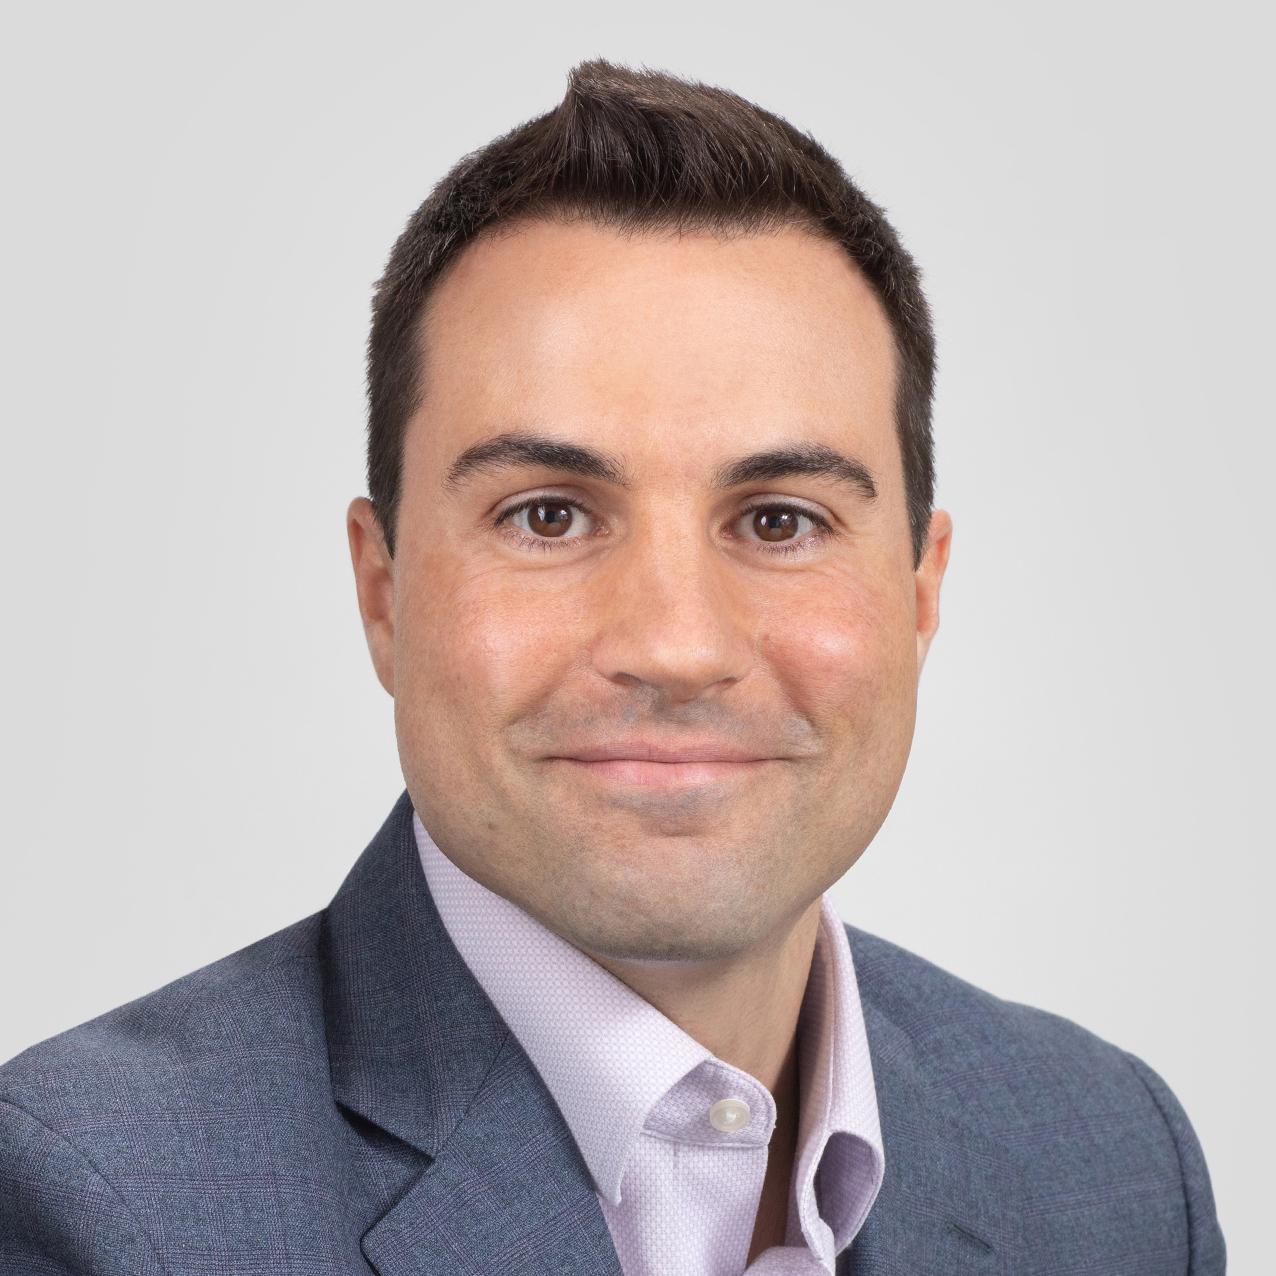 Matt Iorio